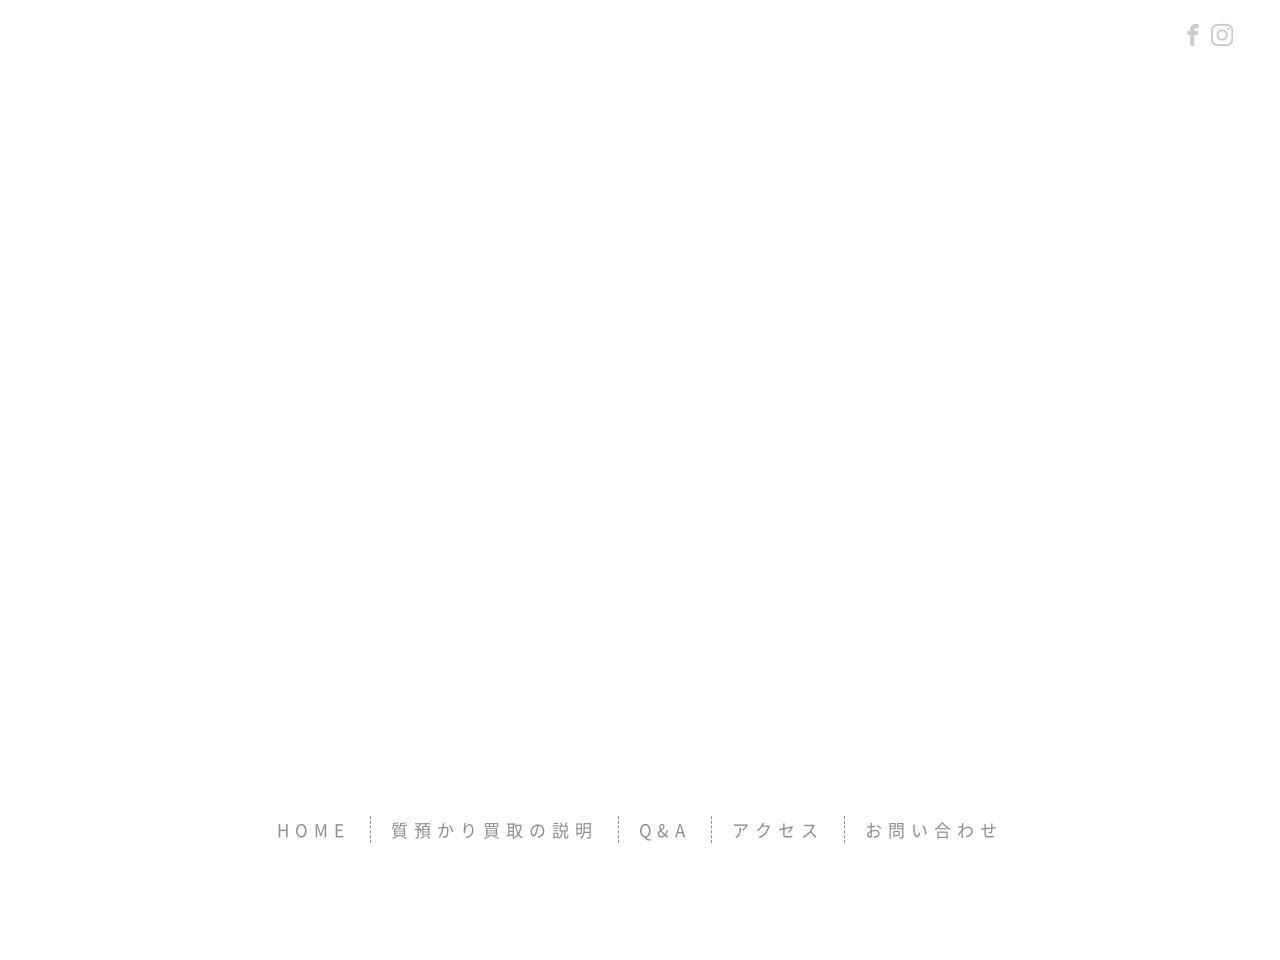 大阪吹田市 質預かり・買取専門の1950年創業 安心と実績の「井上質店」